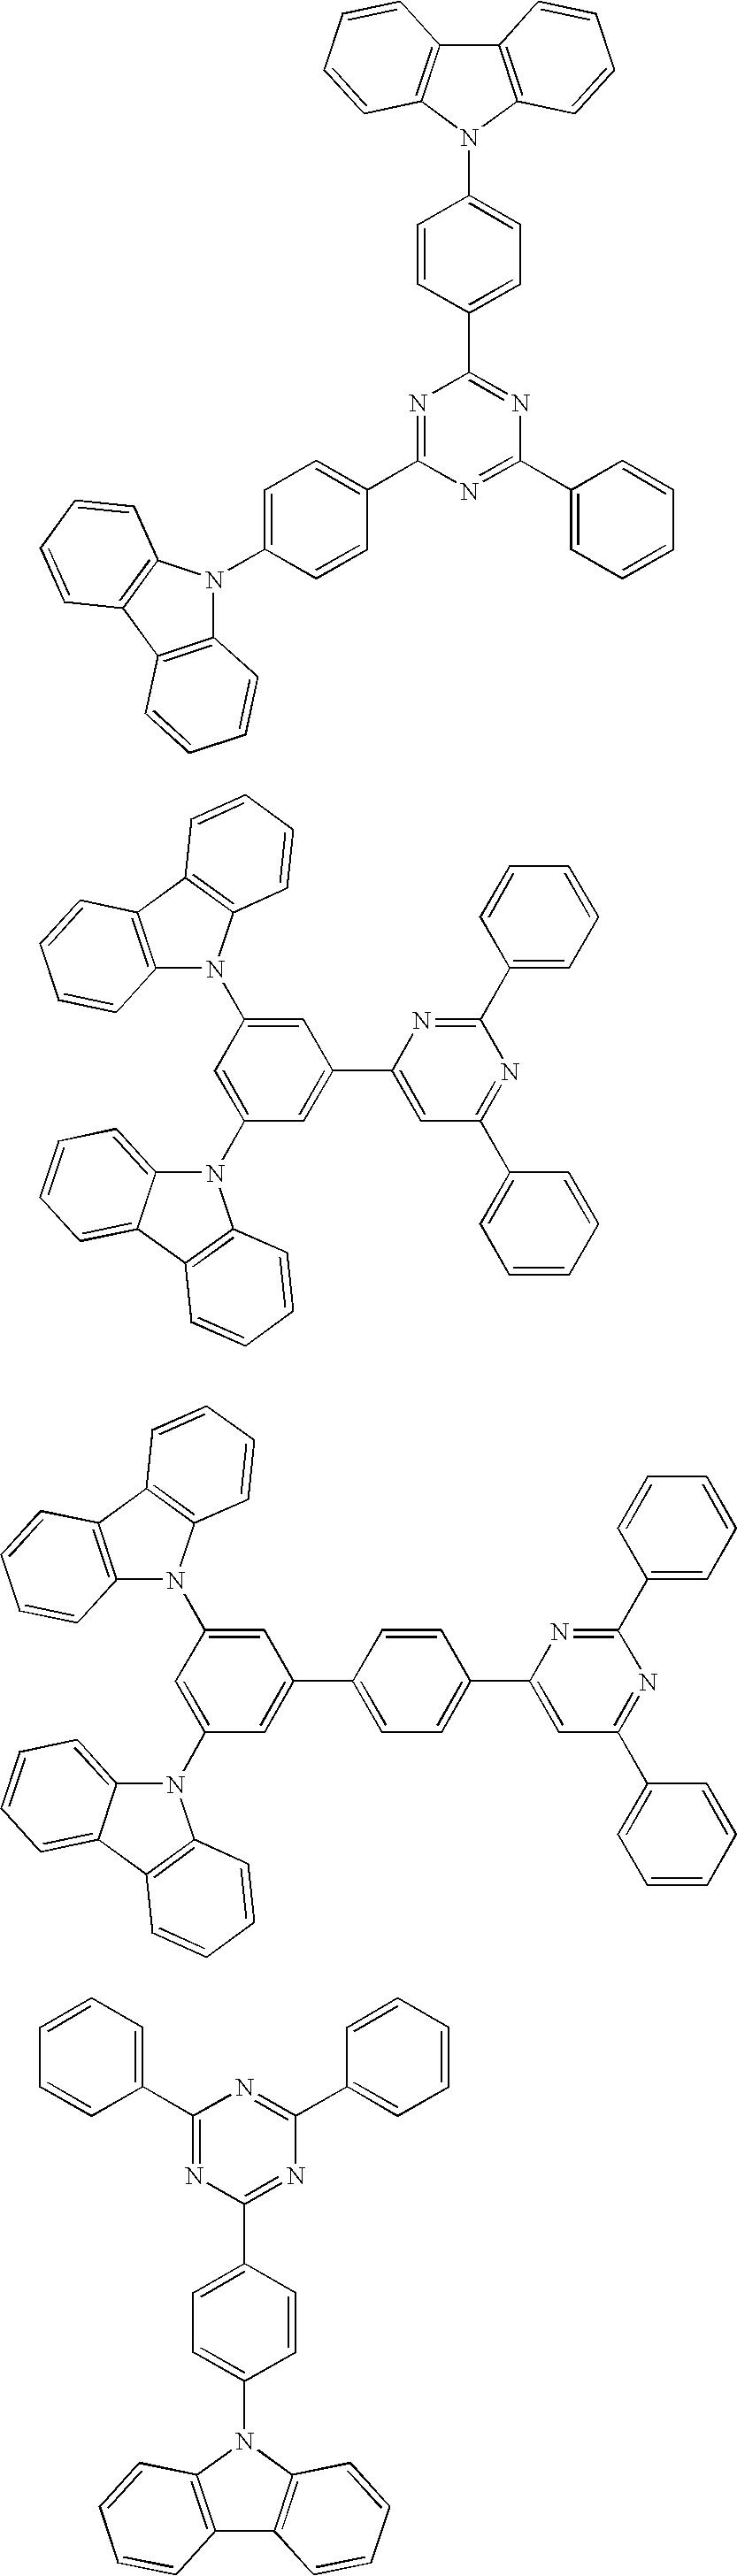 Figure US20070069638A1-20070329-C00016